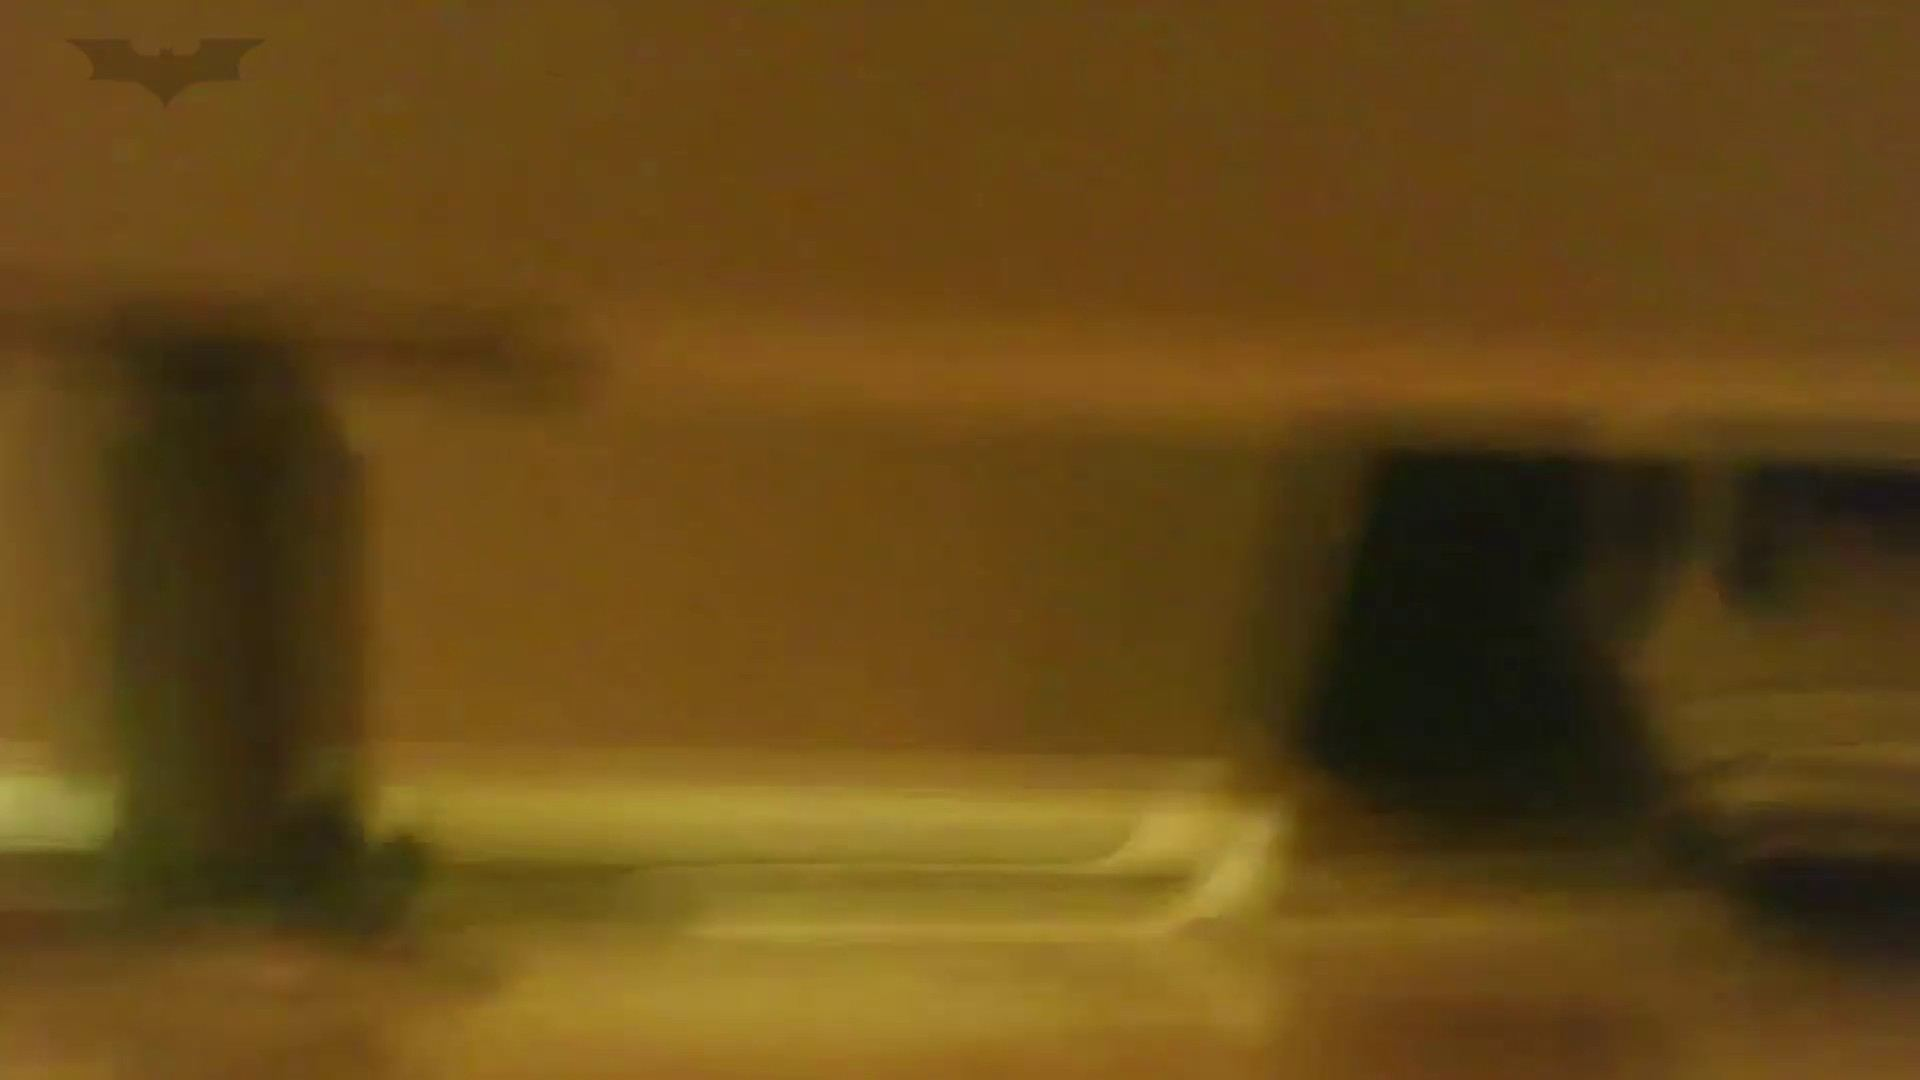 夏の思い出浜辺トイレ盗撮Vol.18 潜入エロ調査 | 盗撮エロすぎ  65連発 48